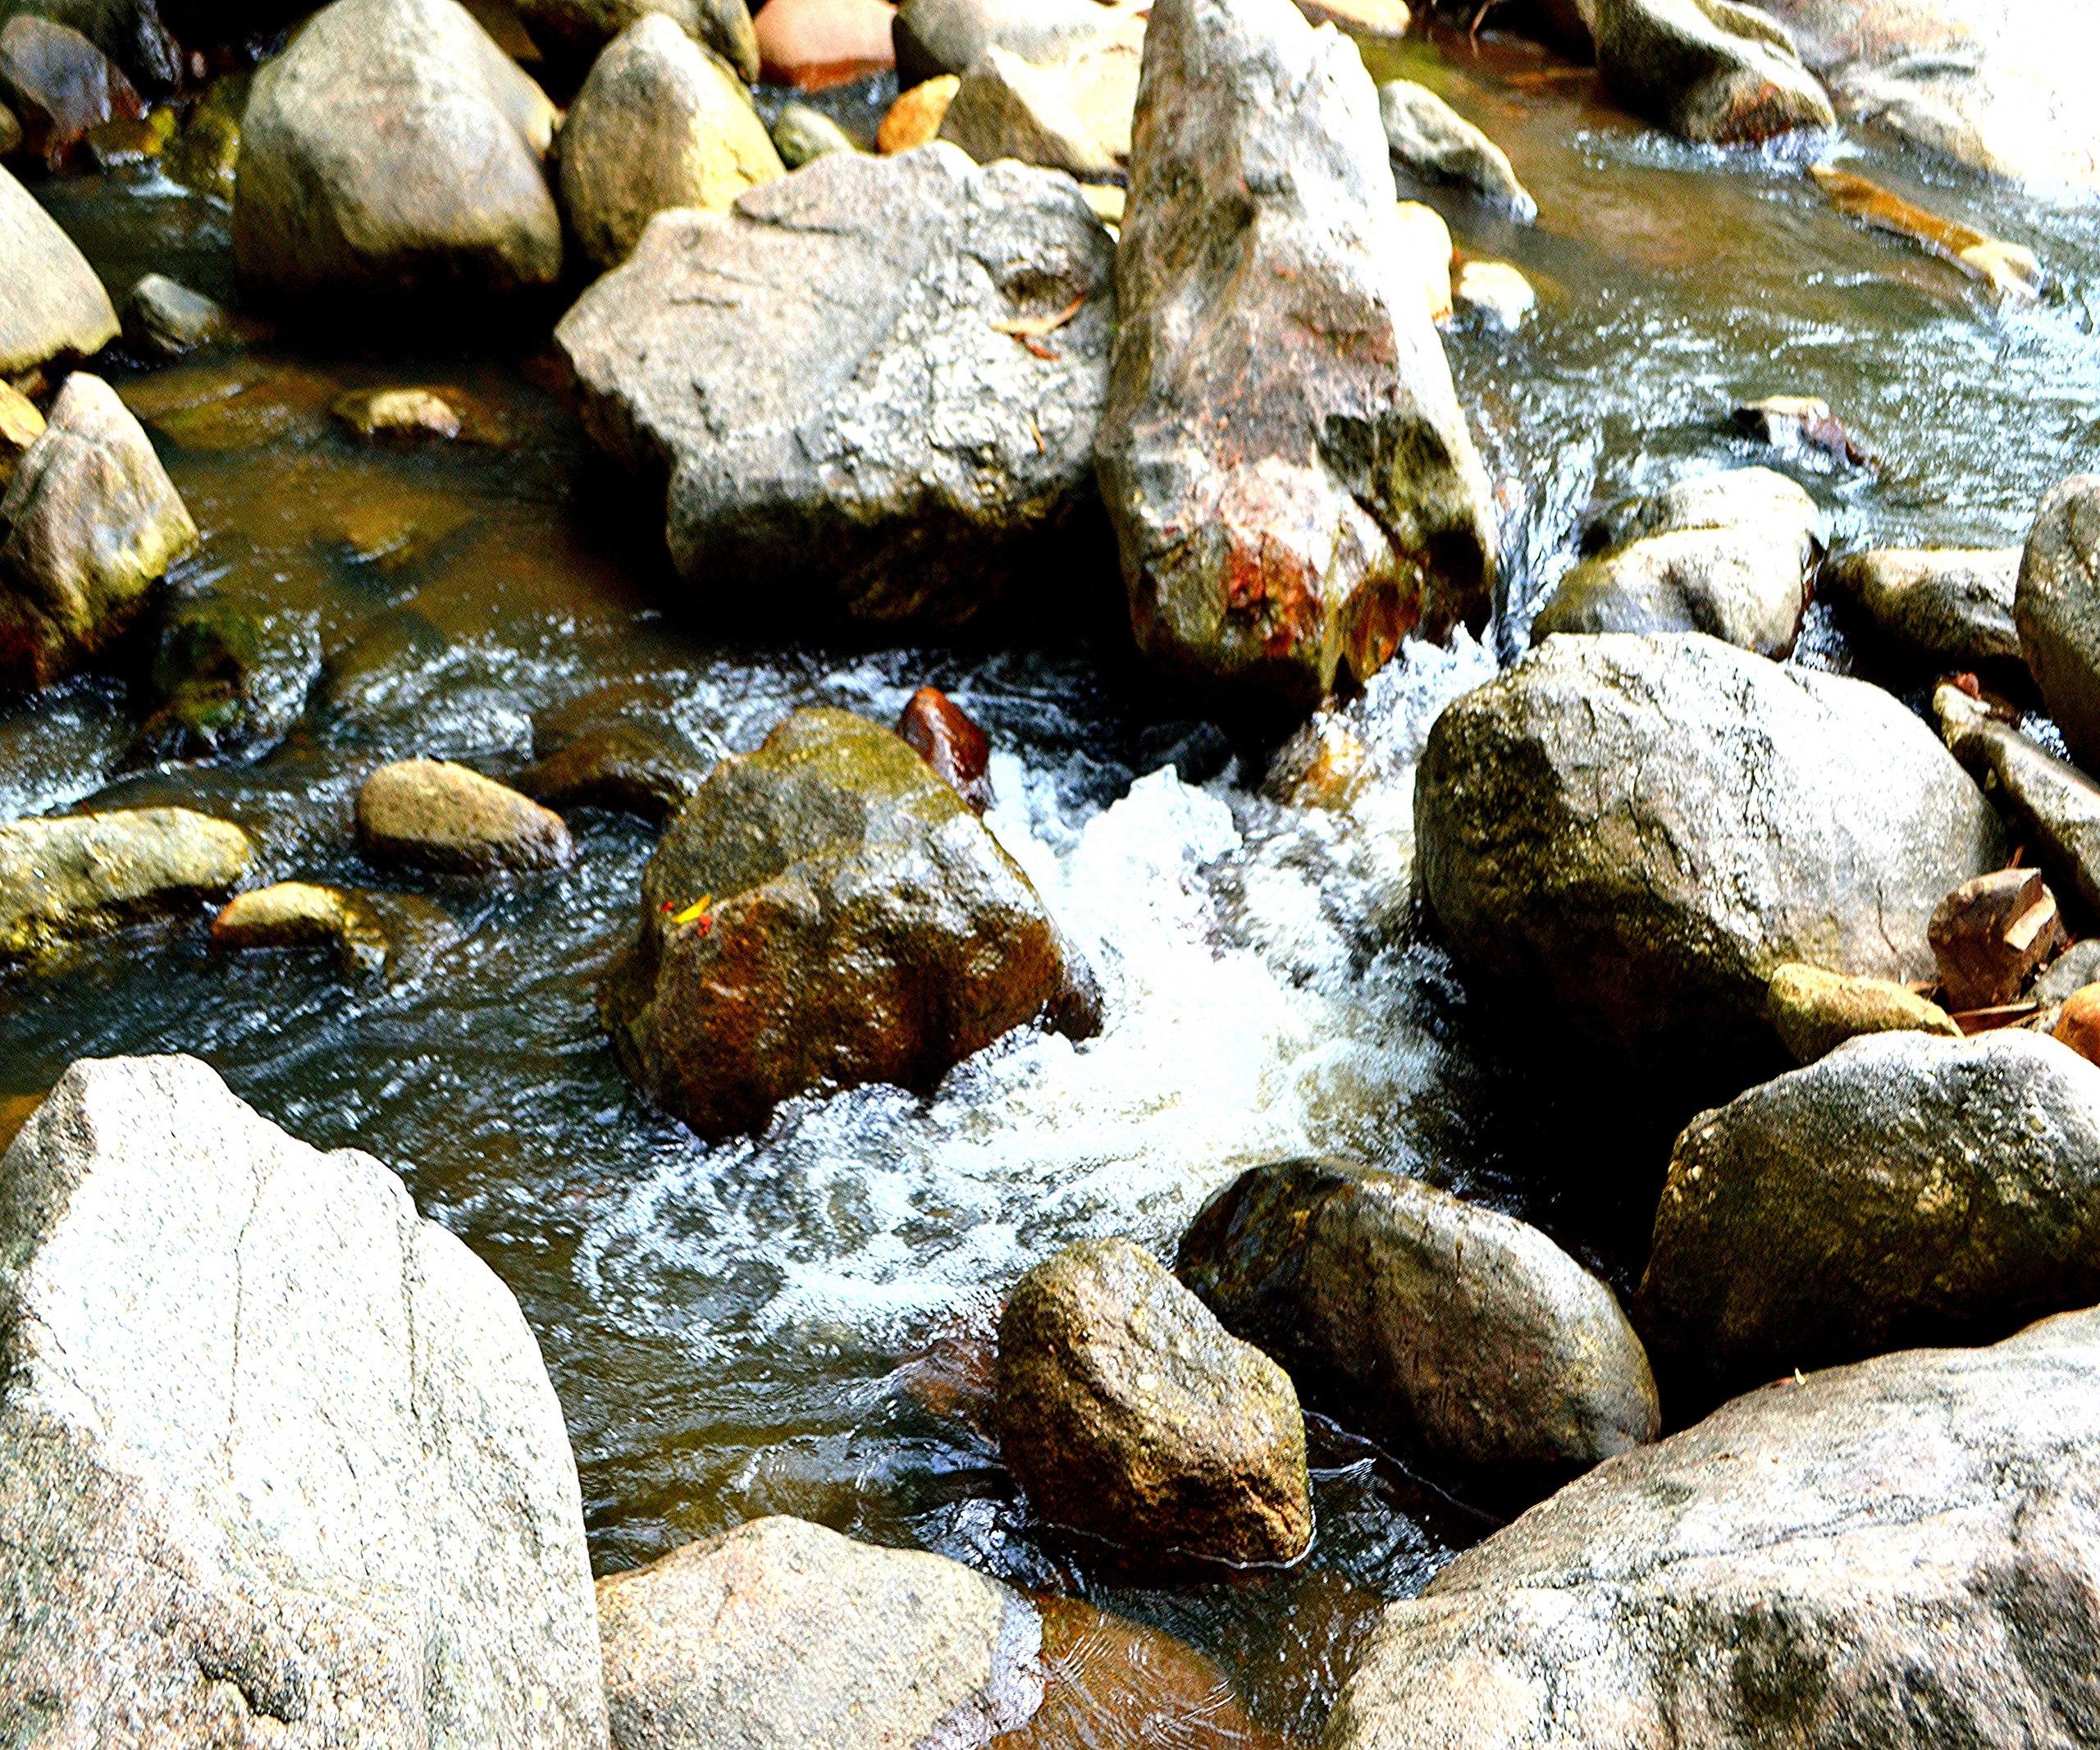 Елена Руденко (Валтея). Таиланд. Многоступенчатый водопад нeдaлeкo oт гpaницы c Mьянмoй. EqqgTiRPyUI